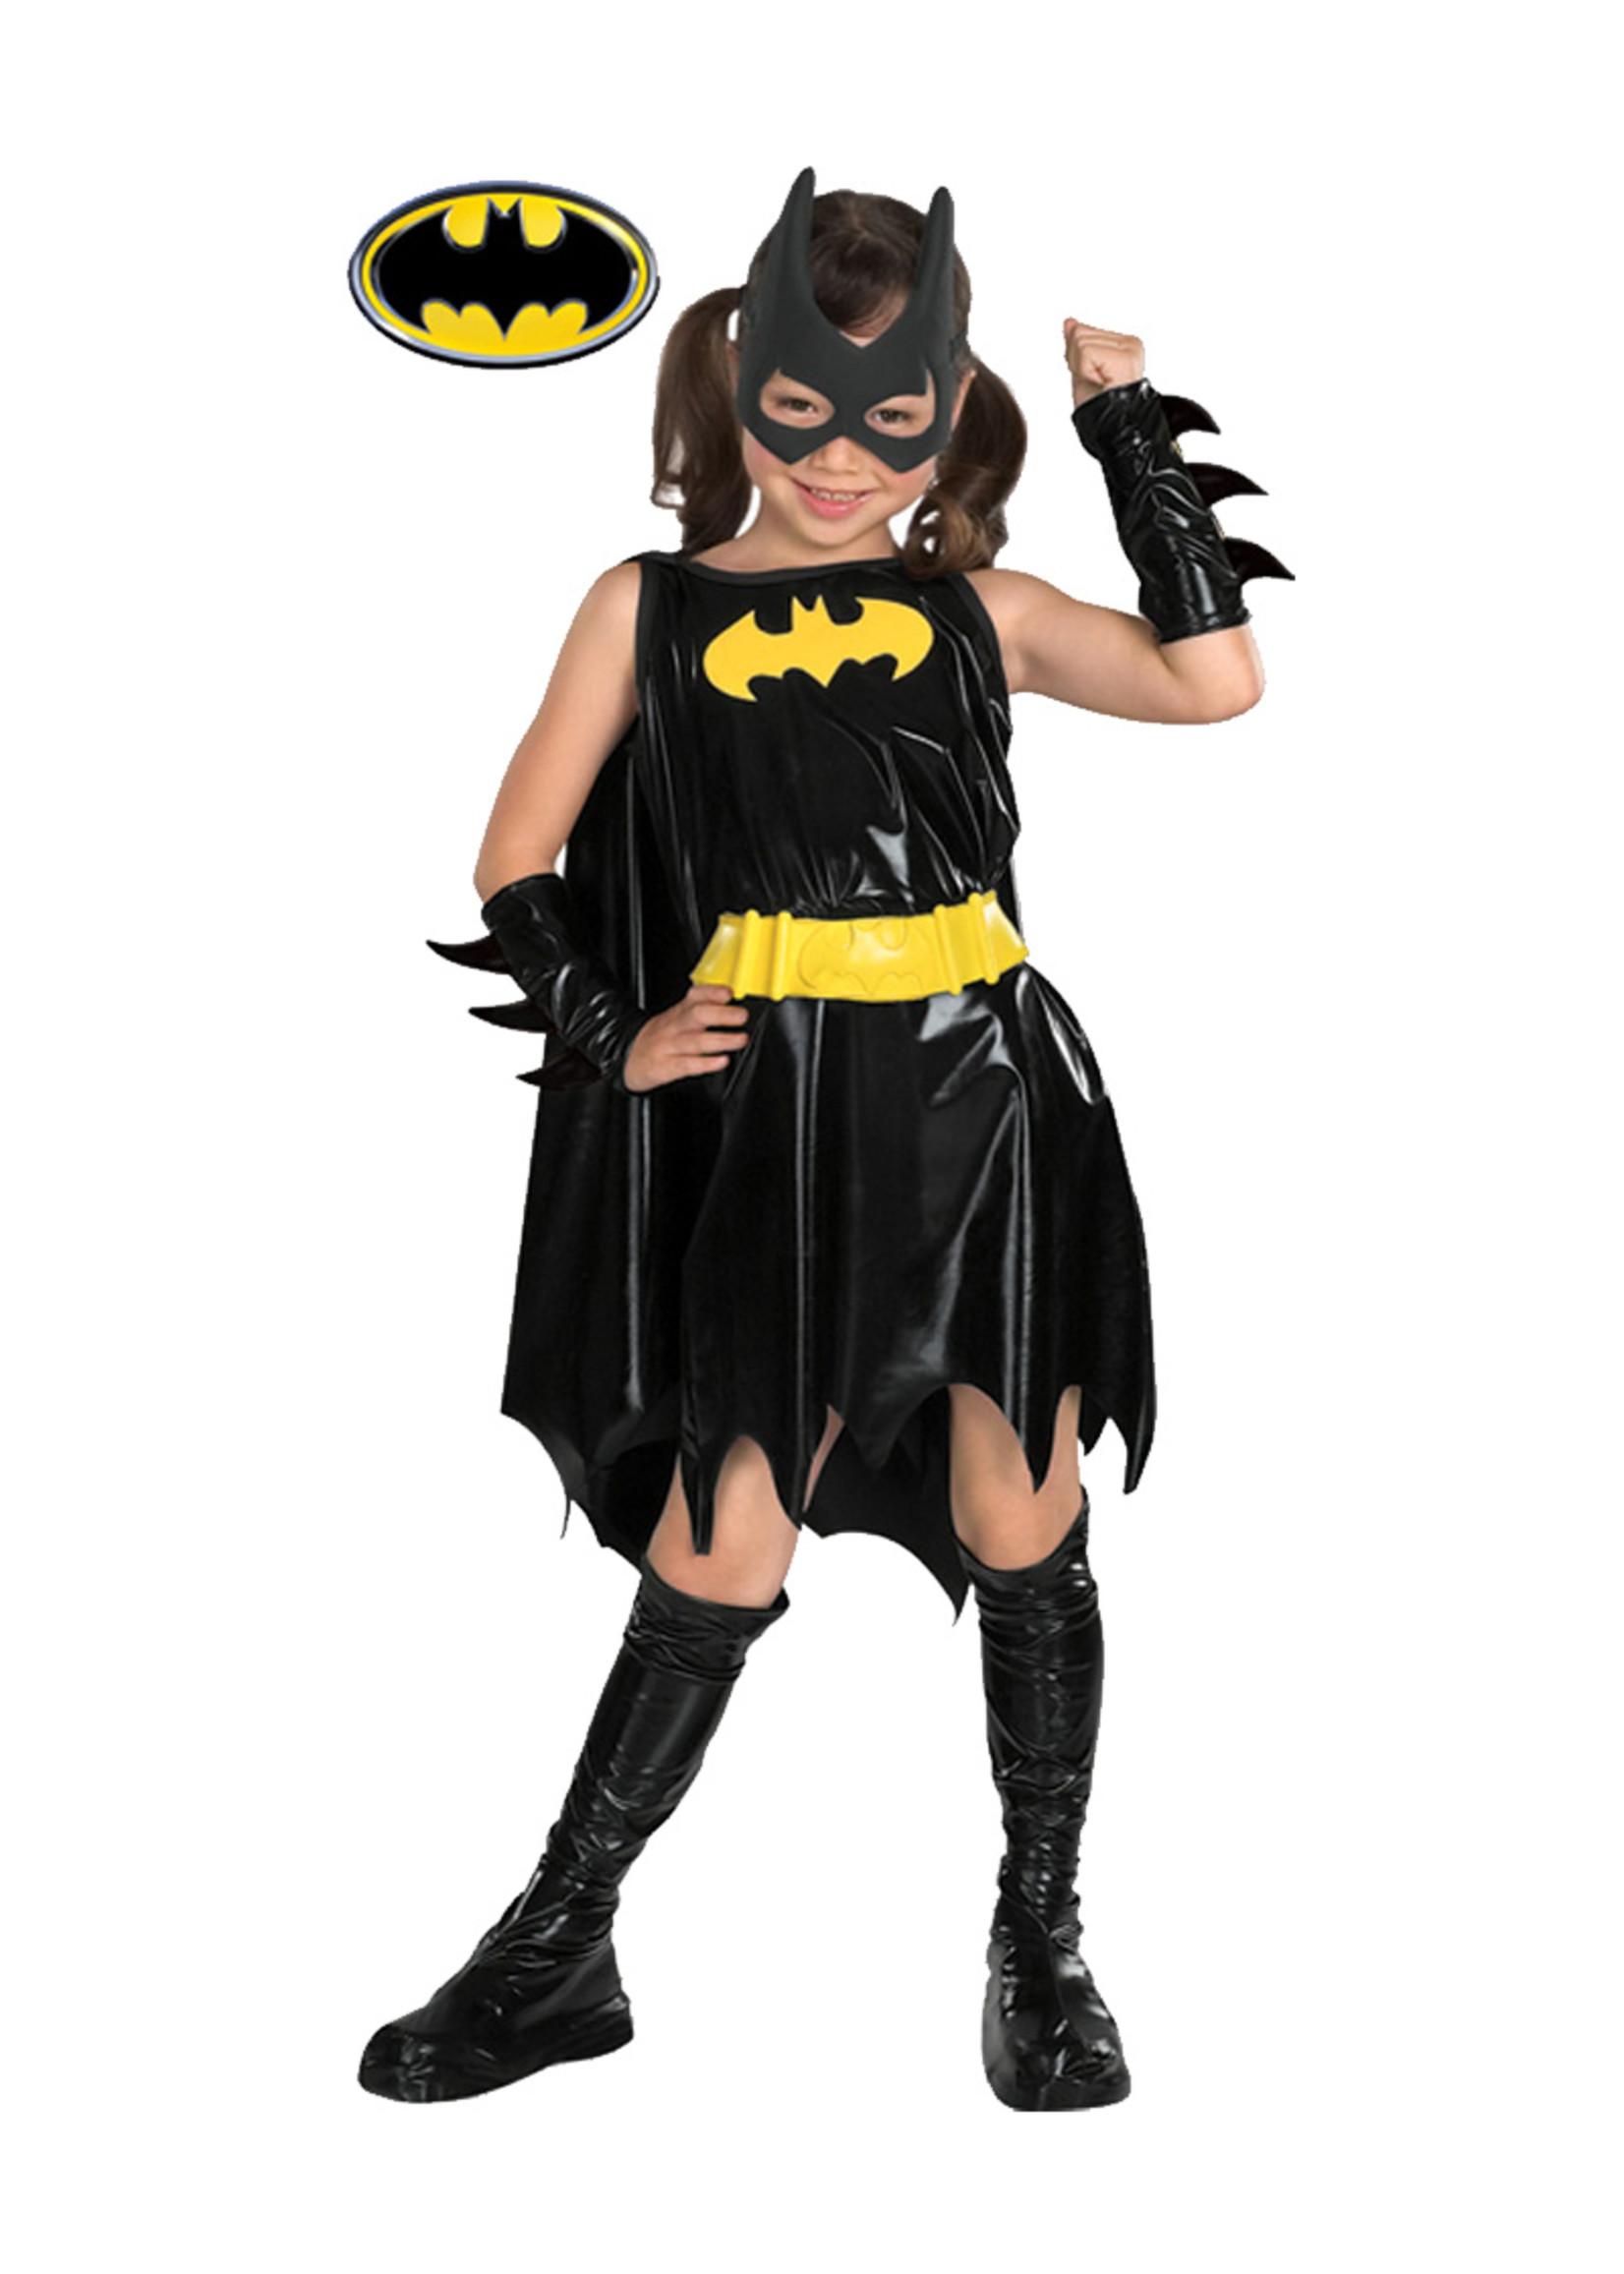 Batgirl Costume - Girls